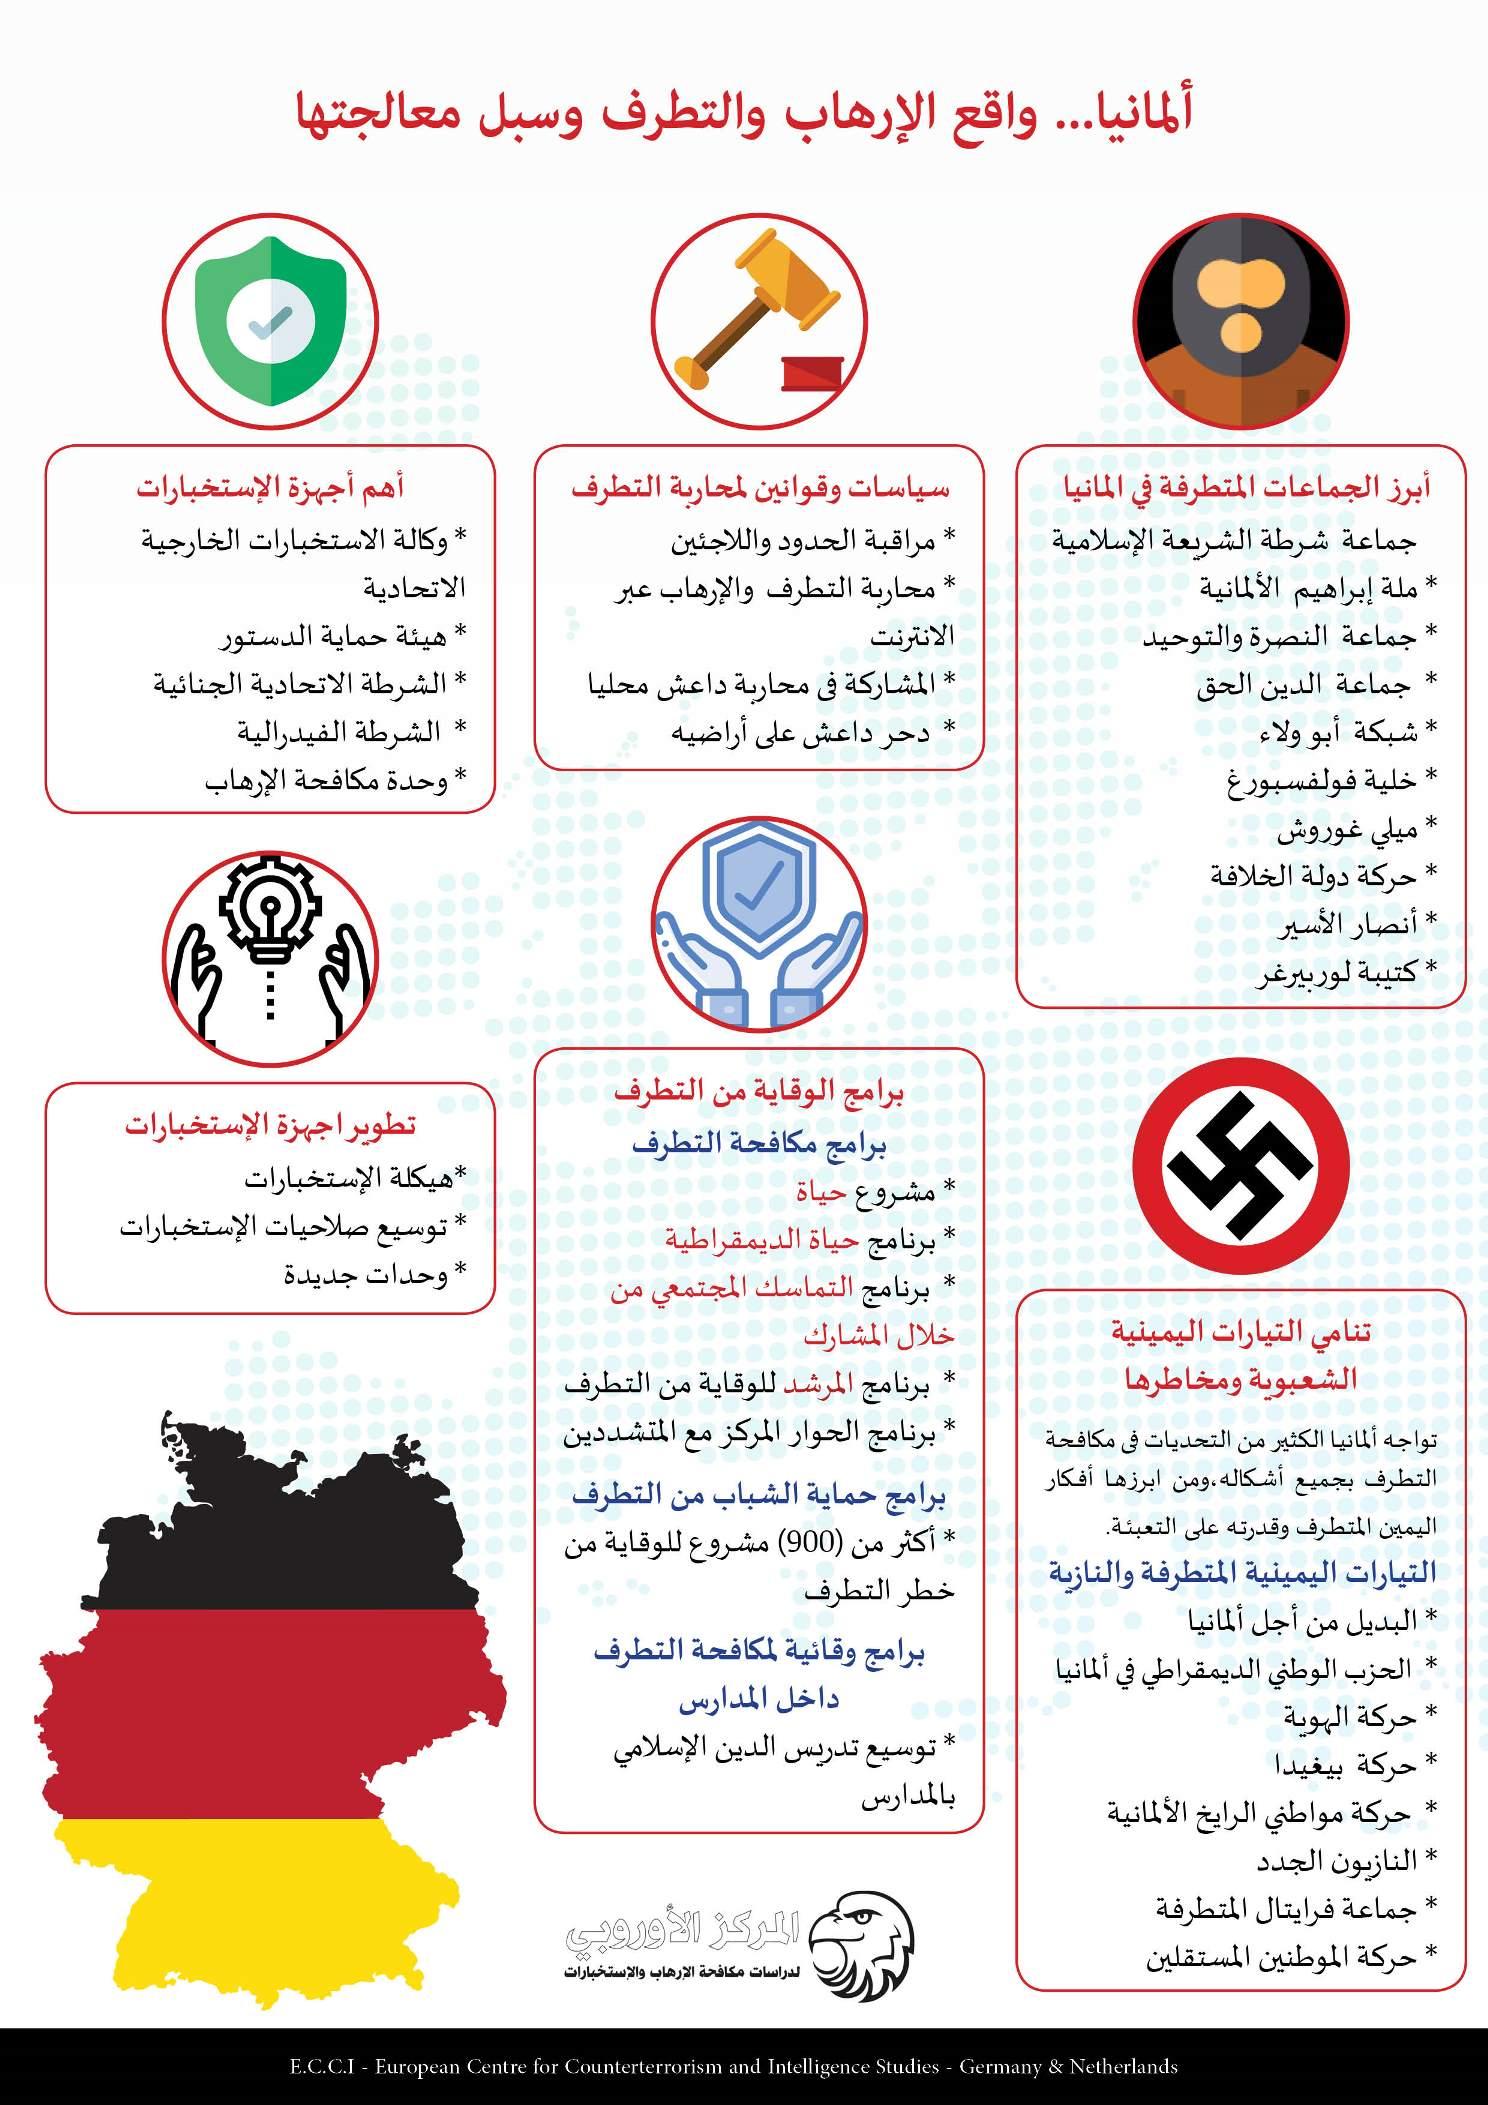 ألمانيا واقع الإرهاب والتطرف وسب معالجتها